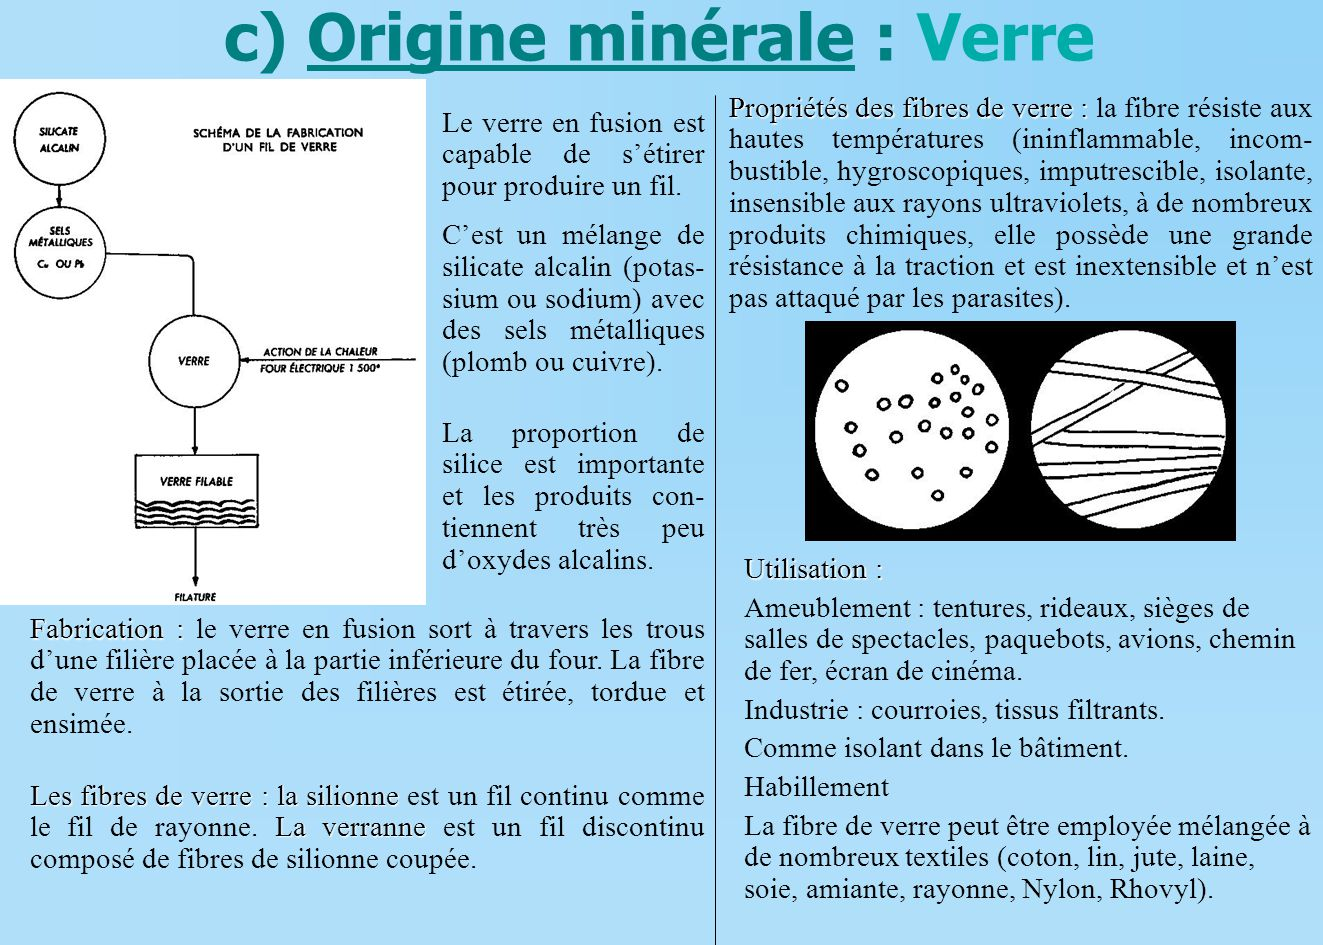 c) Origine minérale : Verre Le verre en fusion est capable de sétirer pour produire un fil. Cest un mélange de silicate alcalin (potas- sium ou sodium